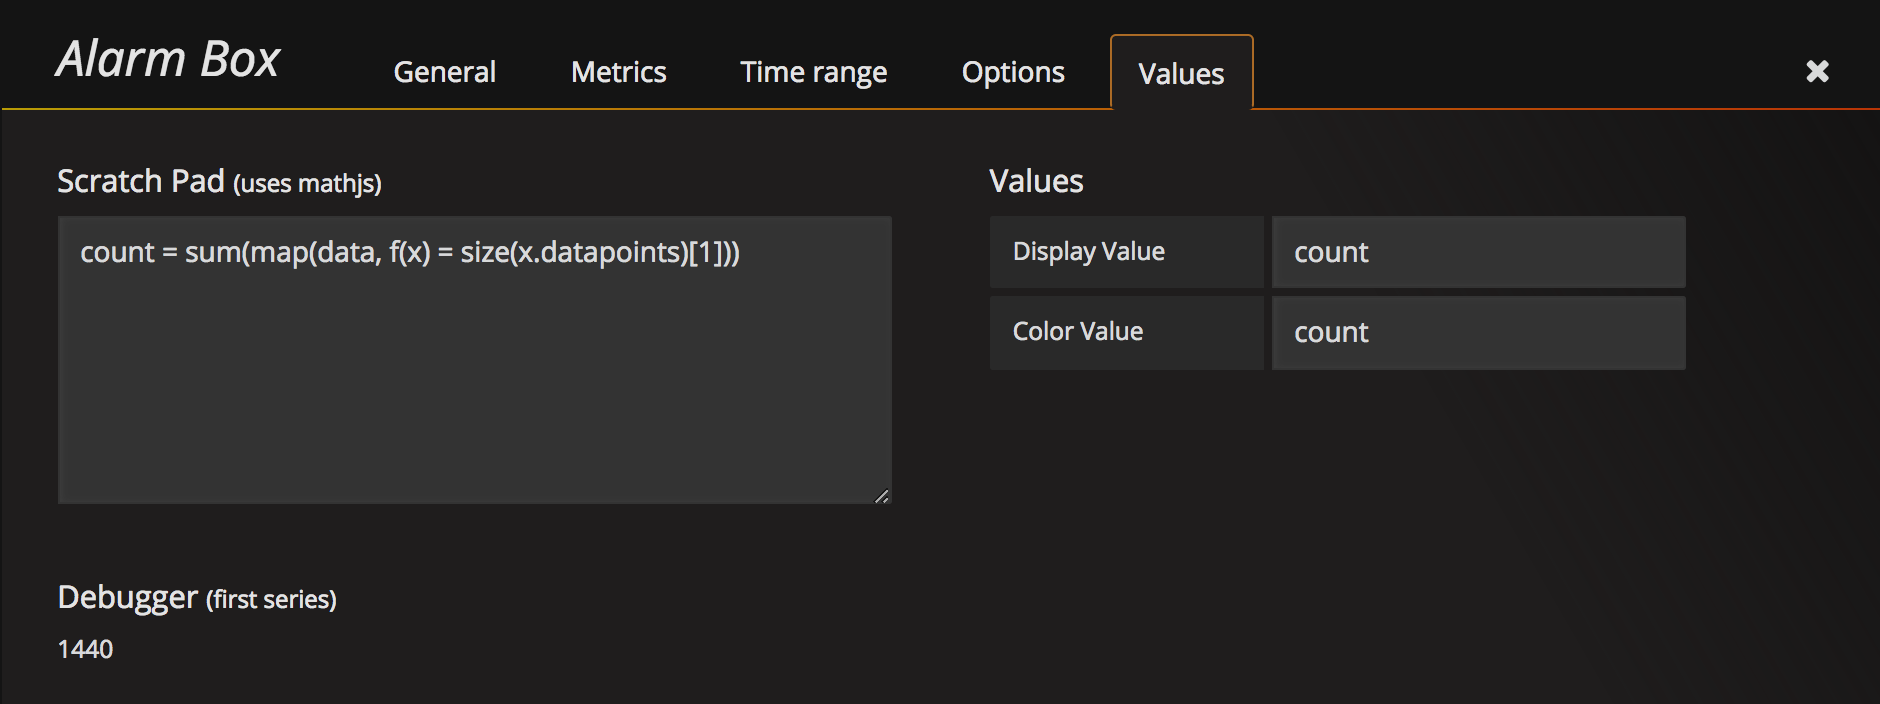 Alarm Box Values